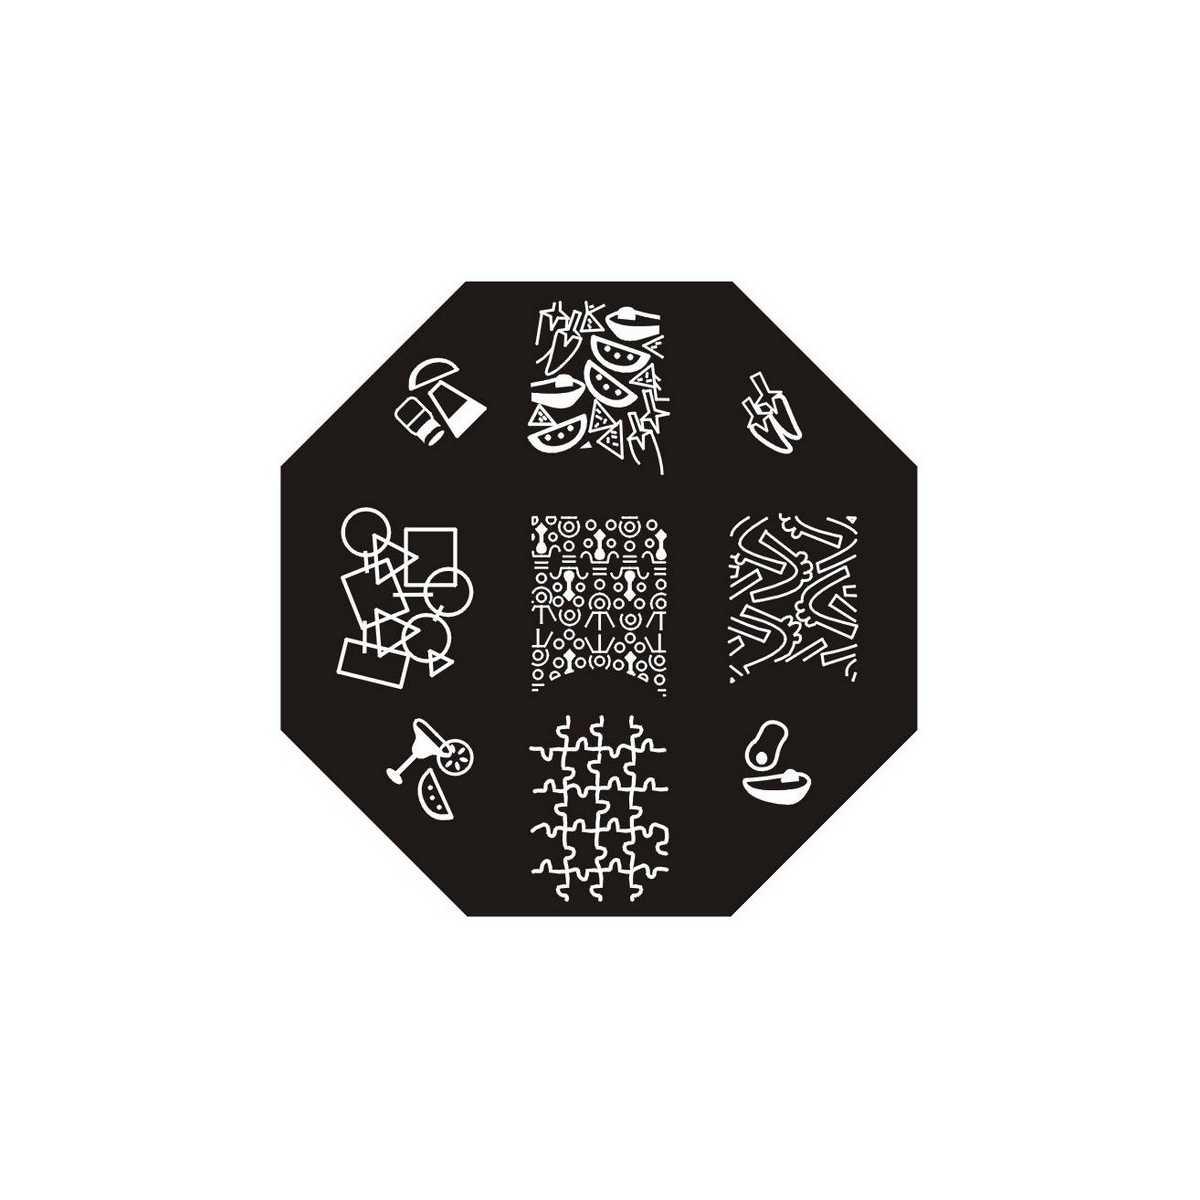 https://www.kit-manucure.com/655-thickbox_default/plaque-de-stamping-cocktail-puzzle-et-formes-géométriques-.jpg